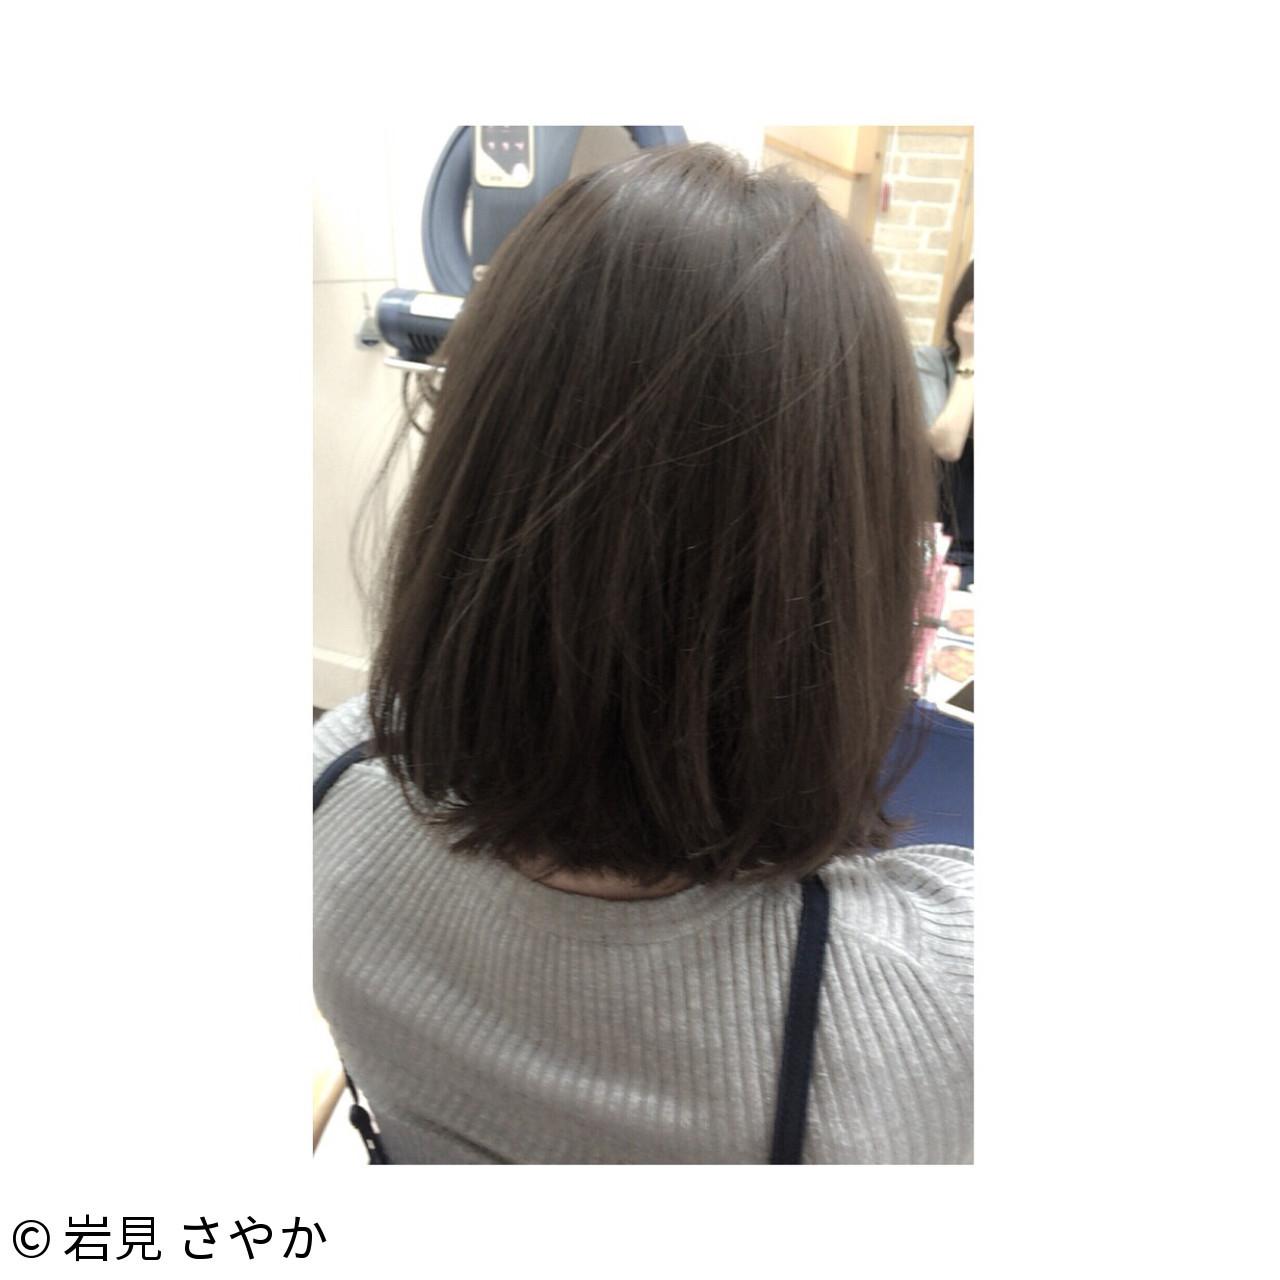 ボブ 切りっぱなし アッシュ ストリート ヘアスタイルや髪型の写真・画像 | 岩見 さやか / hairsalon   mino